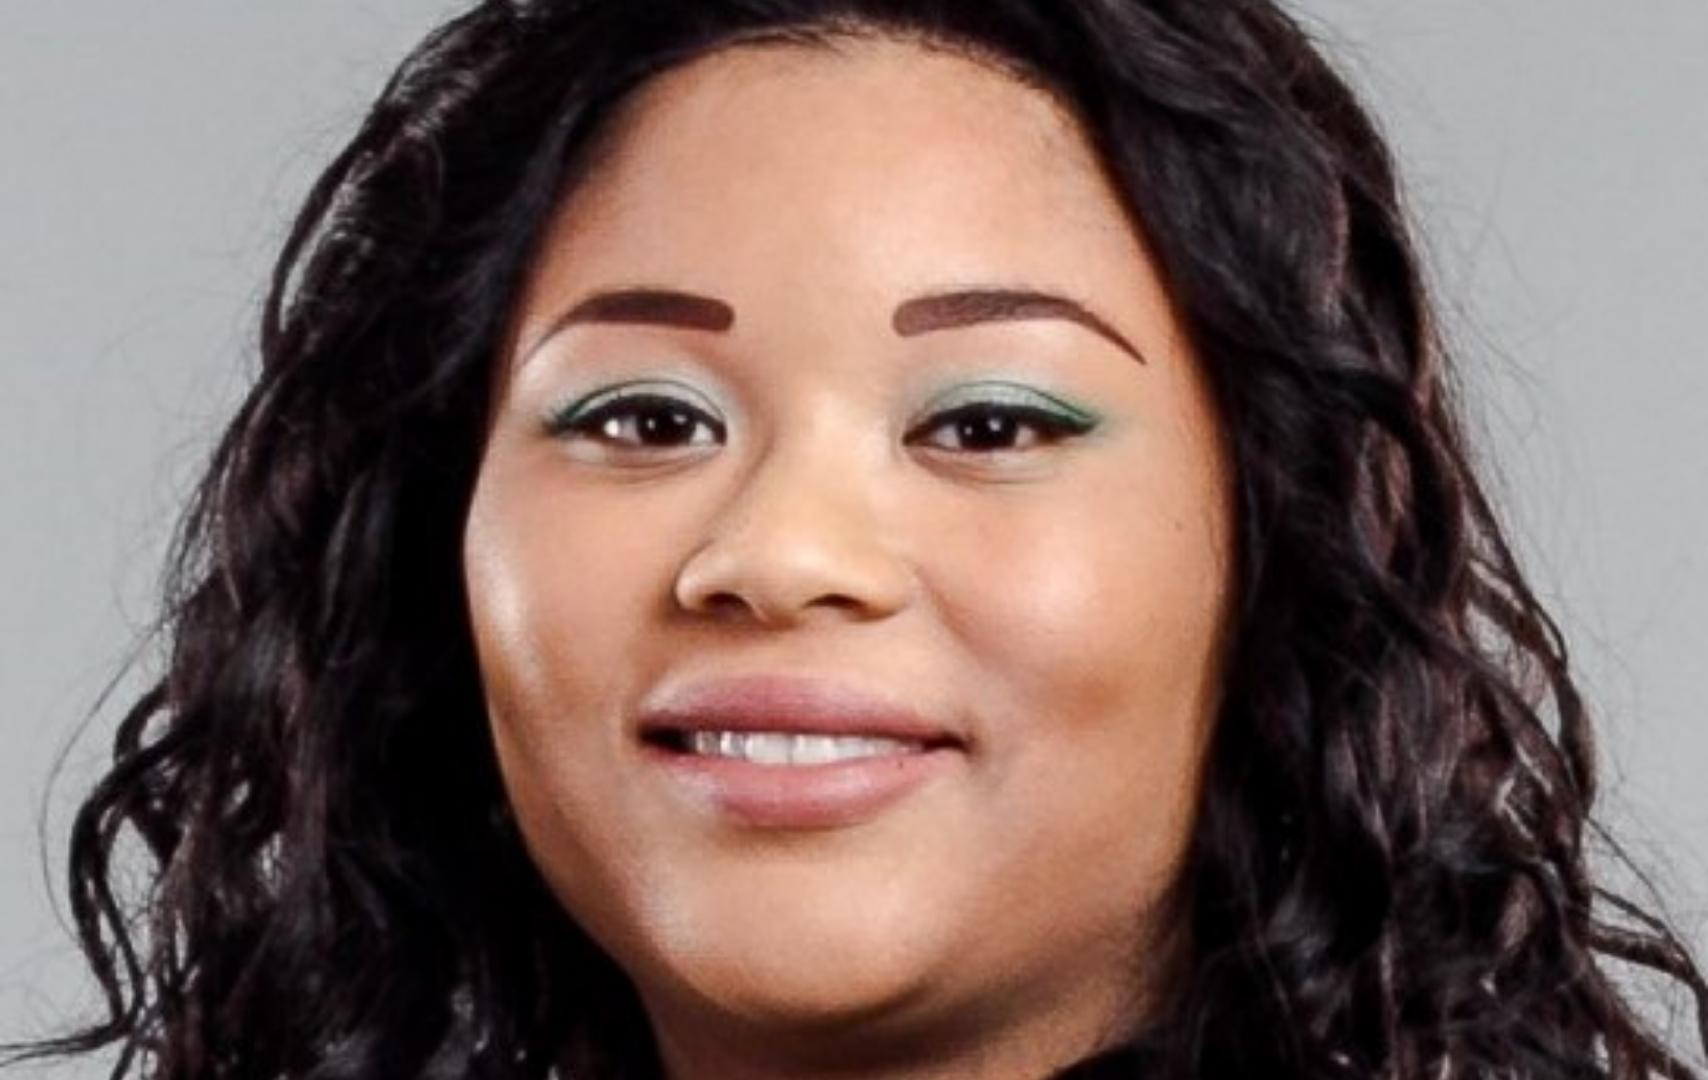 Portretfoto van Vayhishta. Zij is een bruine vrouw met donker haar. Ze draagt een blauw-groen shirt.